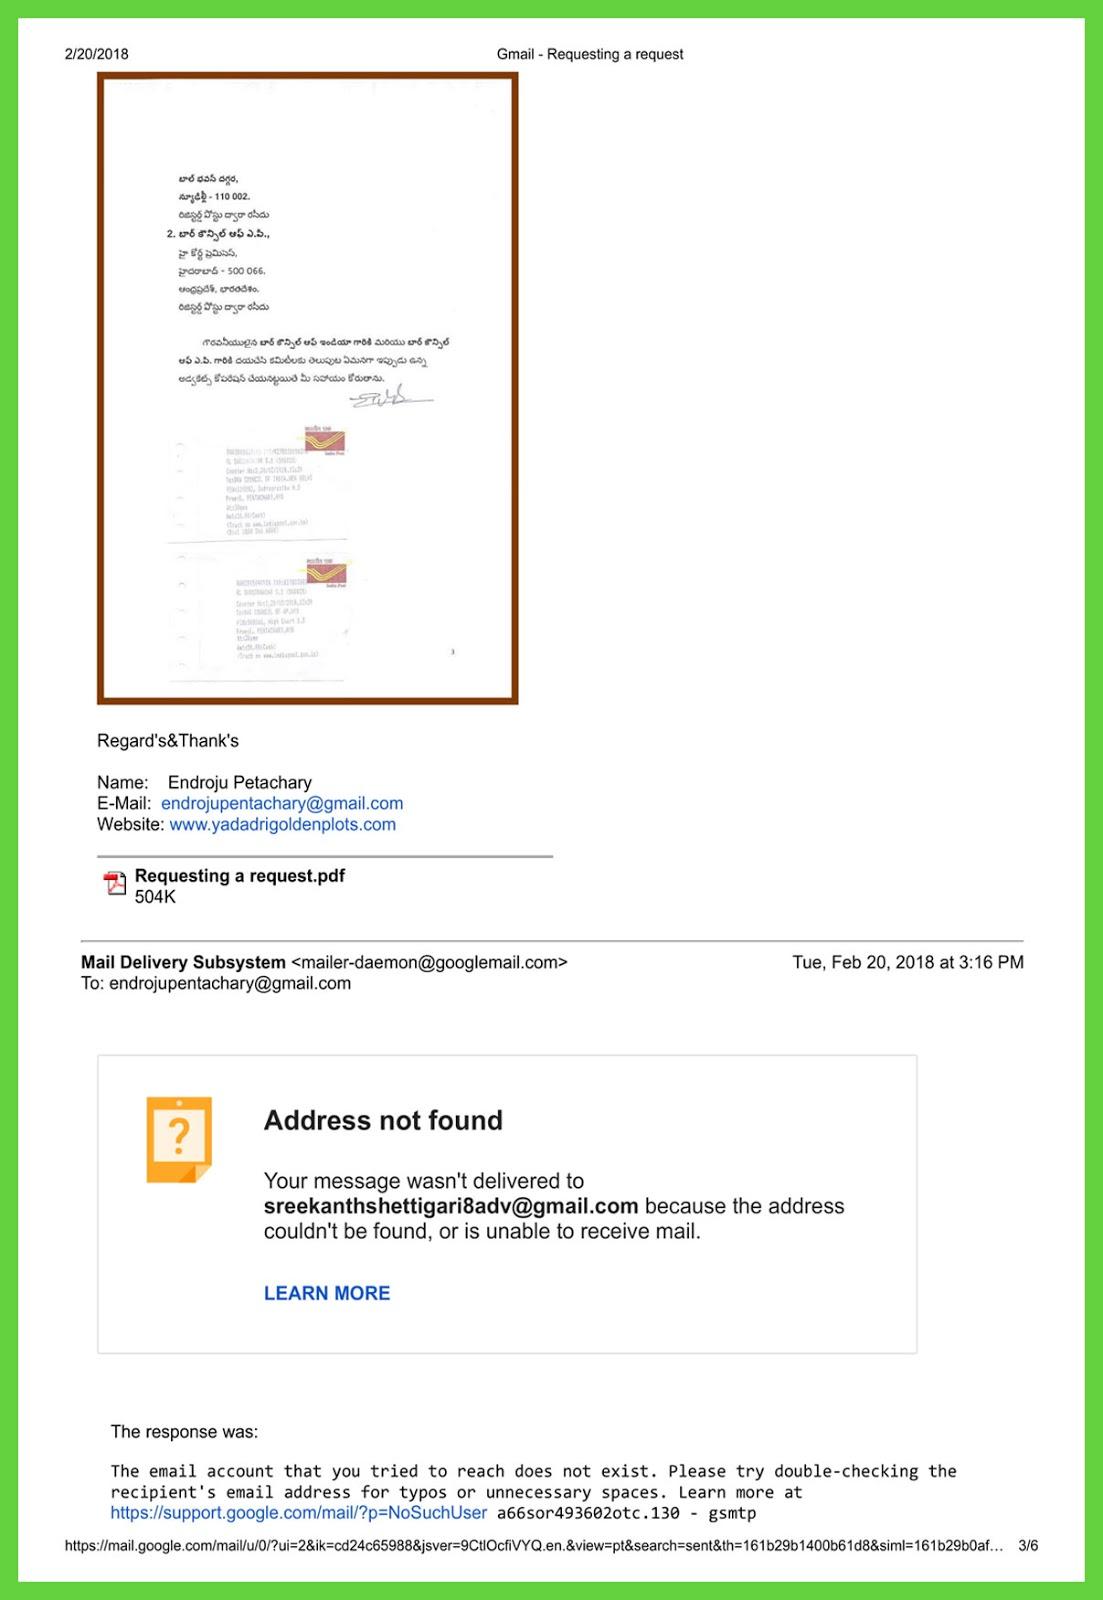 Gmail - Requesting a request-3